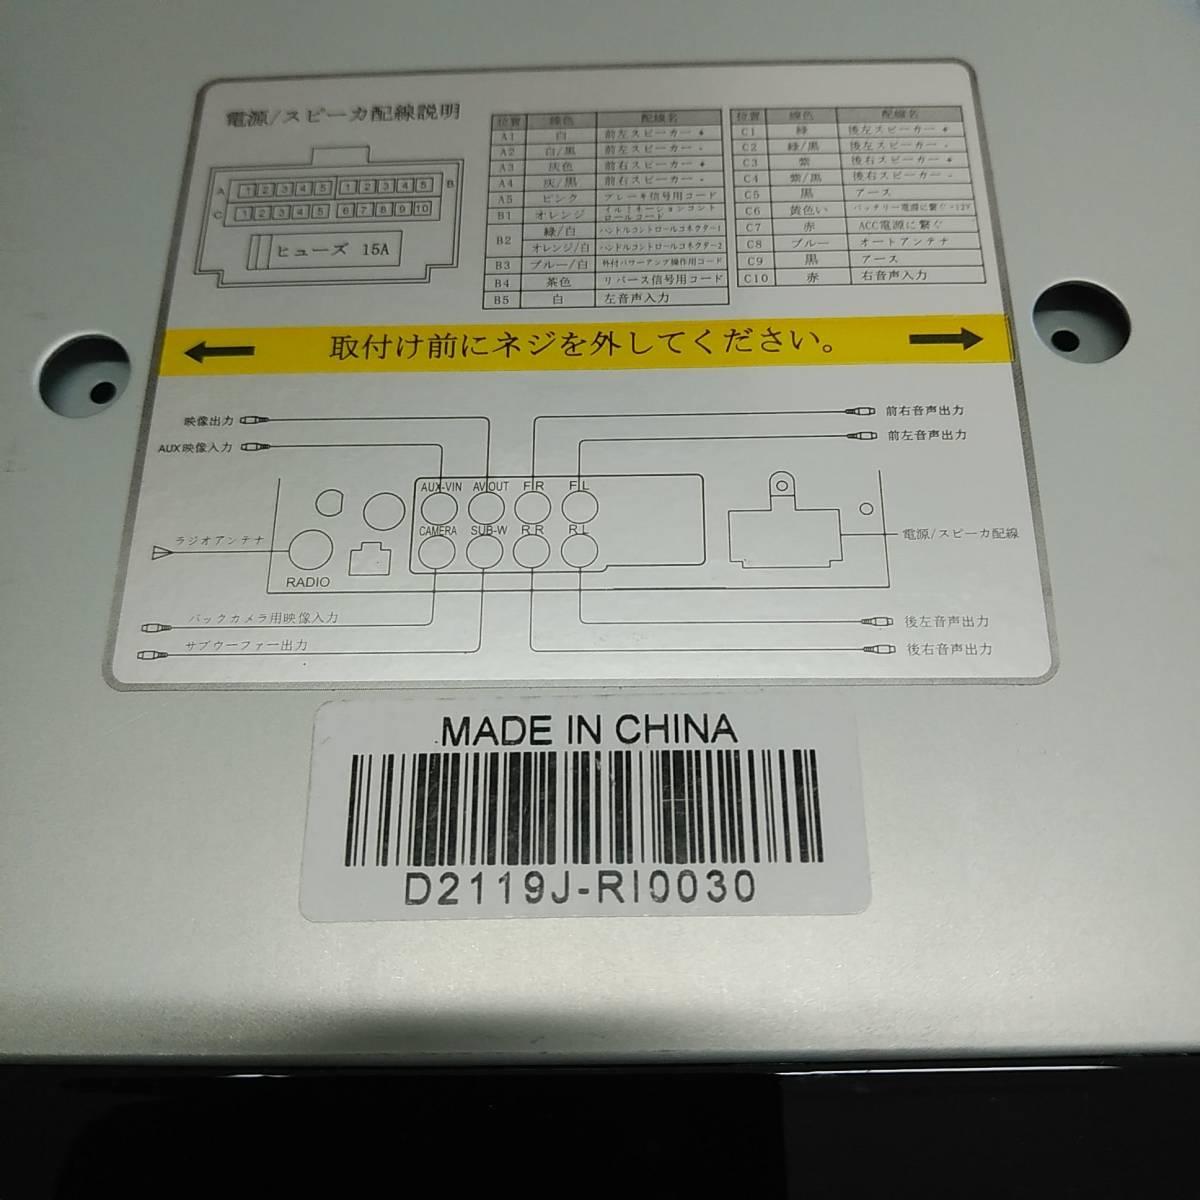 □ENON イーオンオン D2119J 6.5インチ DVDプレーヤー フルタッチ静電式車載マルチメディア USB/SDカードスロット搭載_画像4